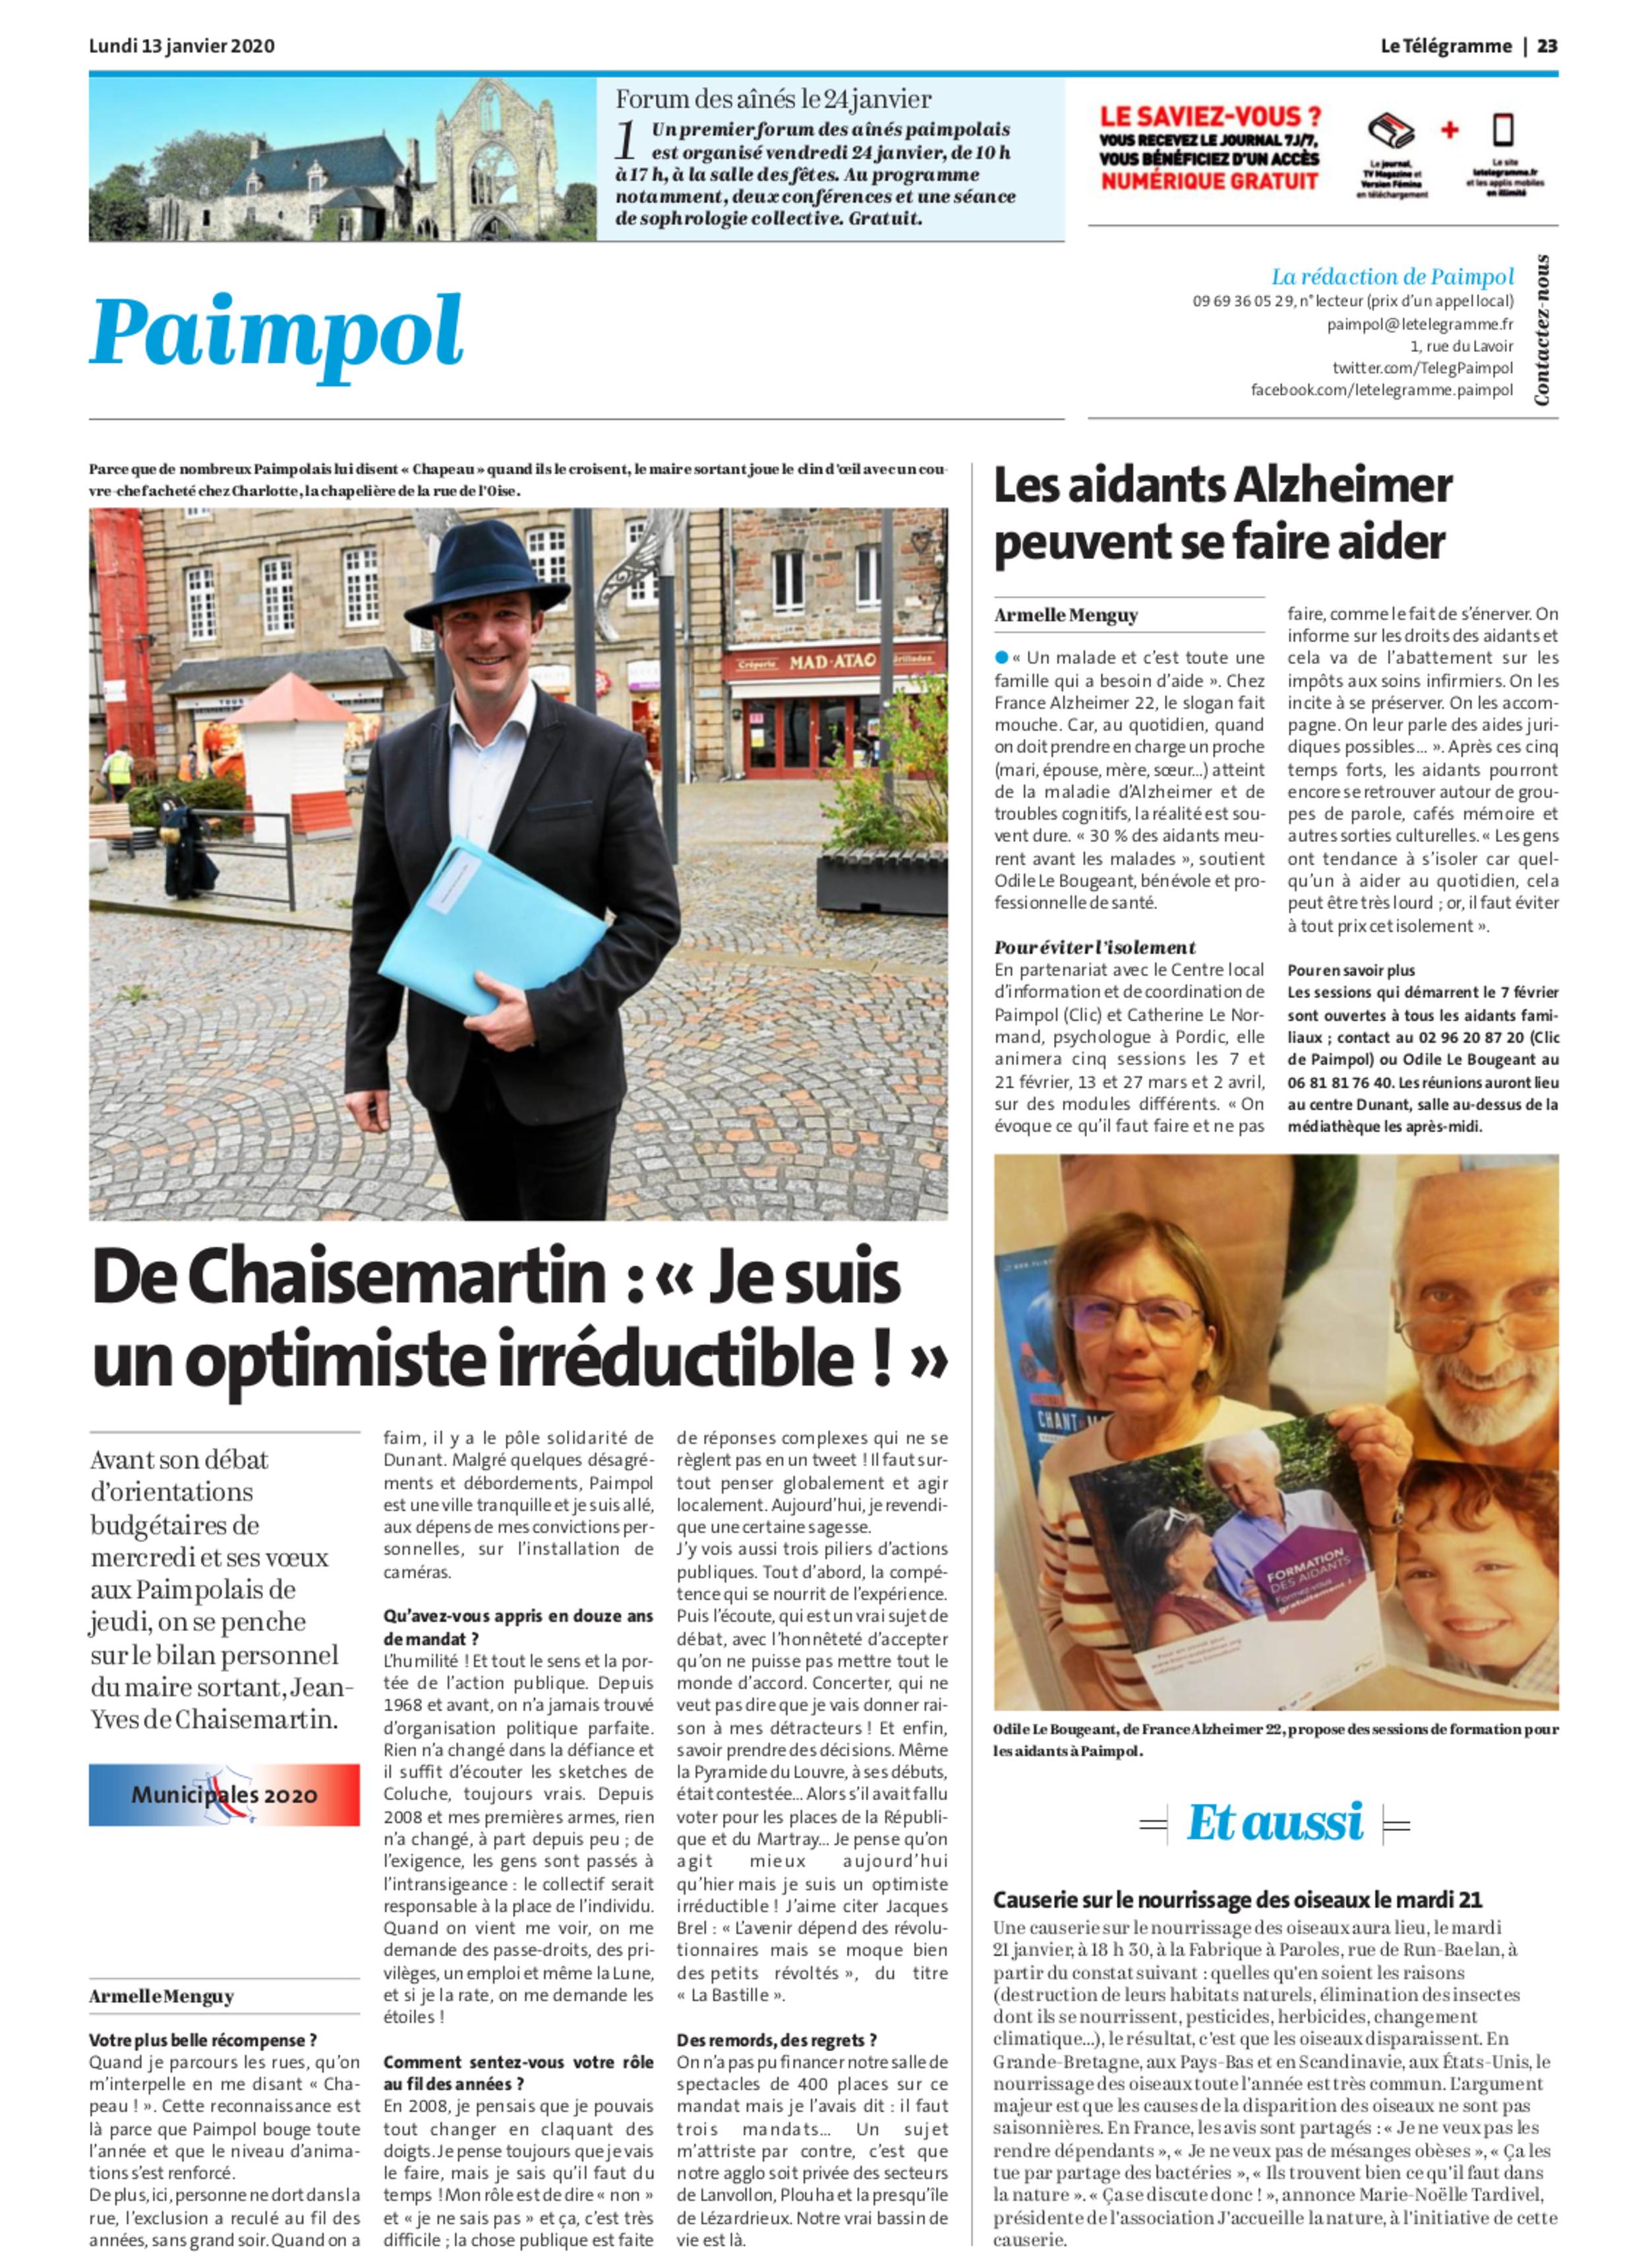 """De Chaisemartin : """"Je suis un optimiste irréductible"""""""